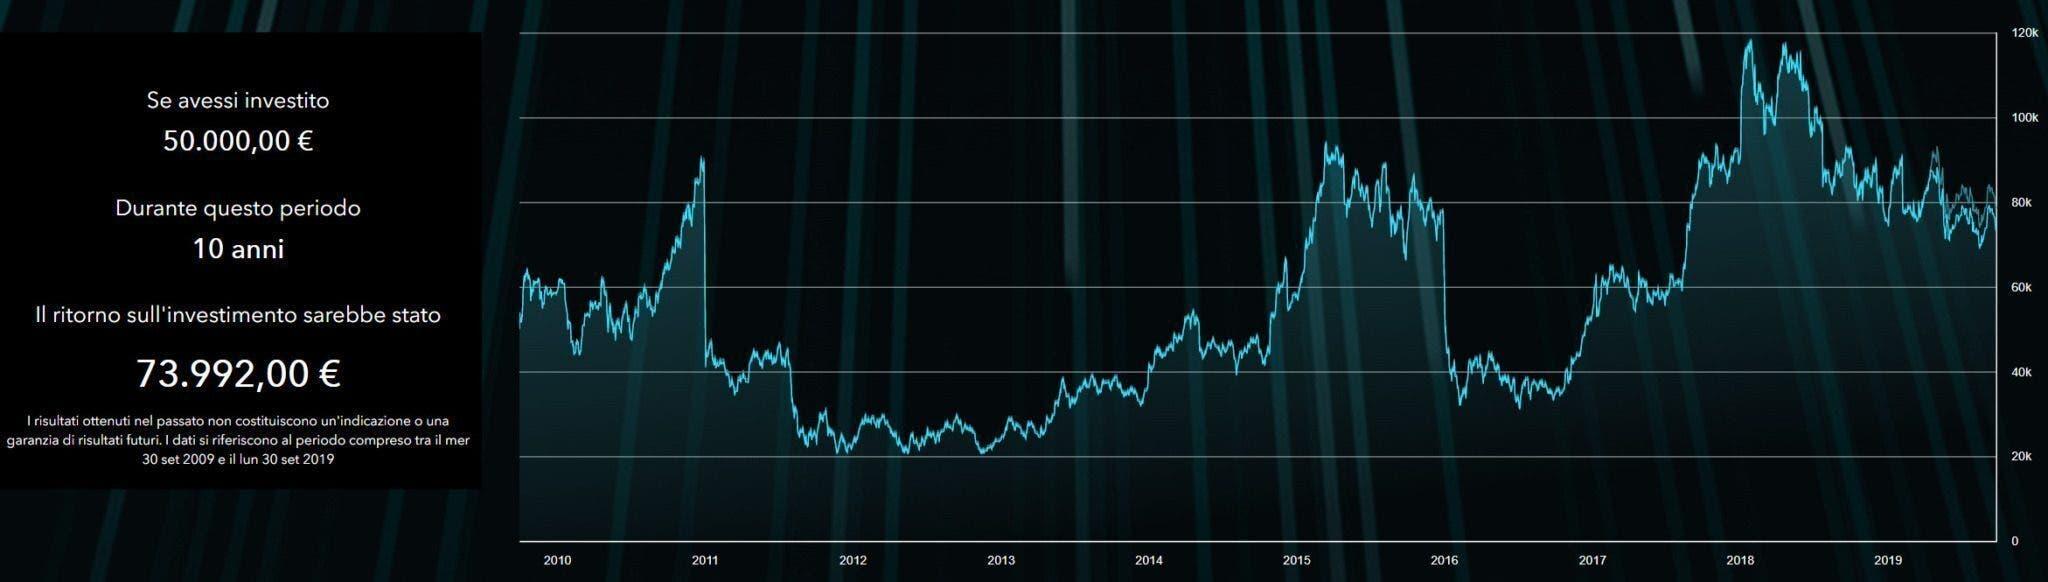 Azioni Fiat Chrysler a 10 anni di investimento guadagno